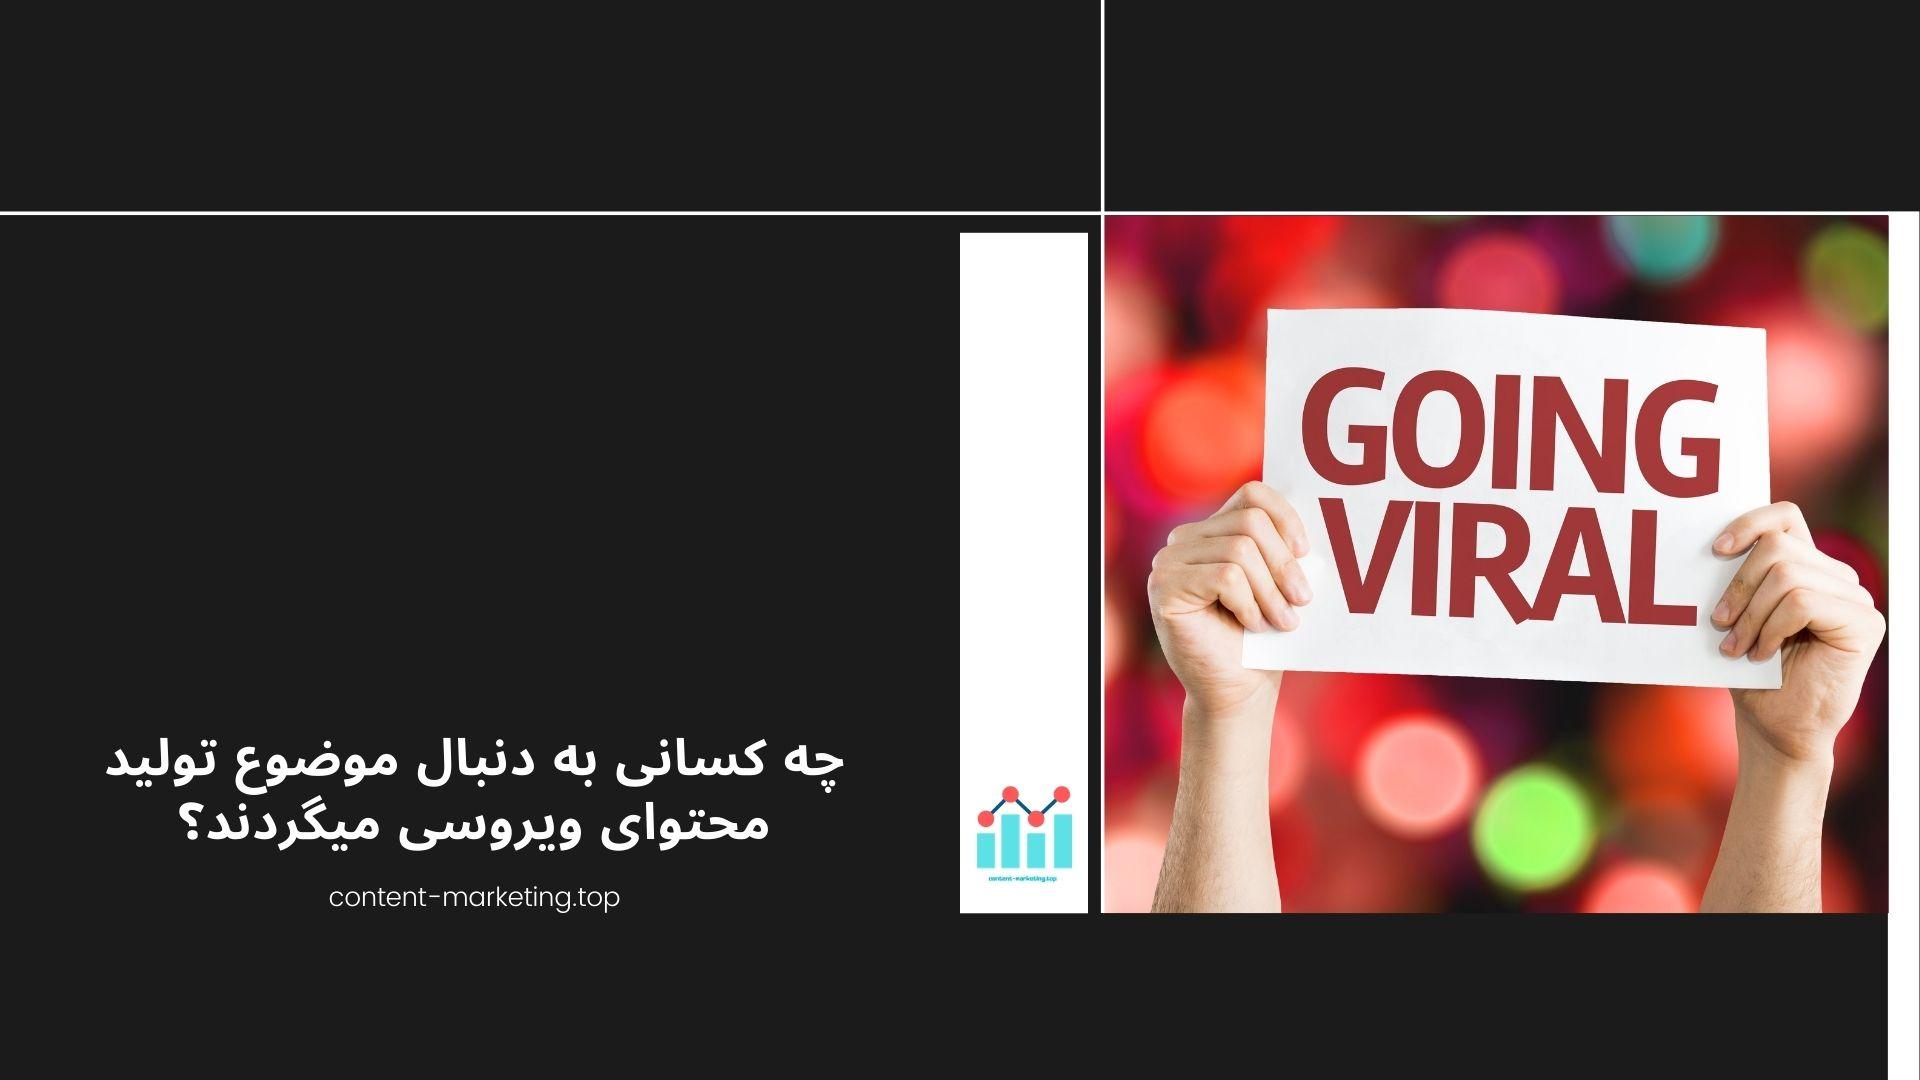 چه کسانی به دنبال موضوع تولید محتوای ویروسی میگردند ؟